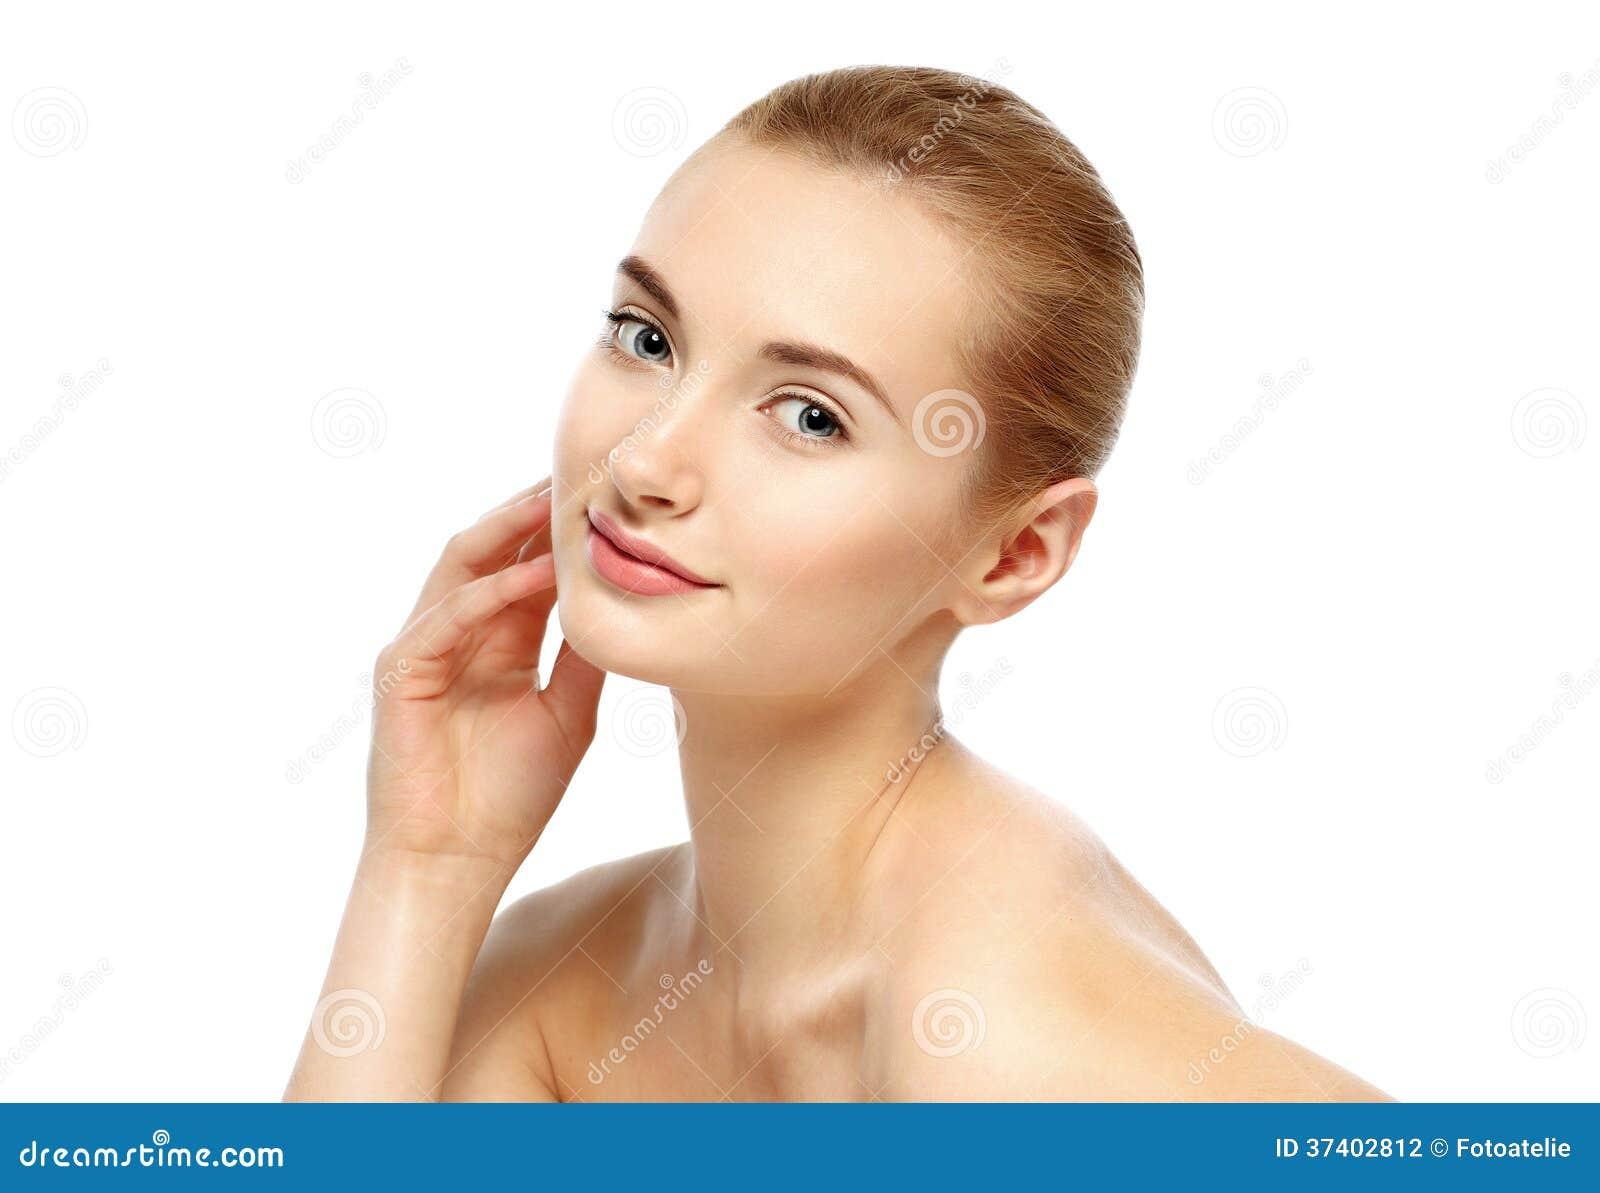 Retrato de la belleza. Mujer hermosa que toca su cara. Fres perfecto